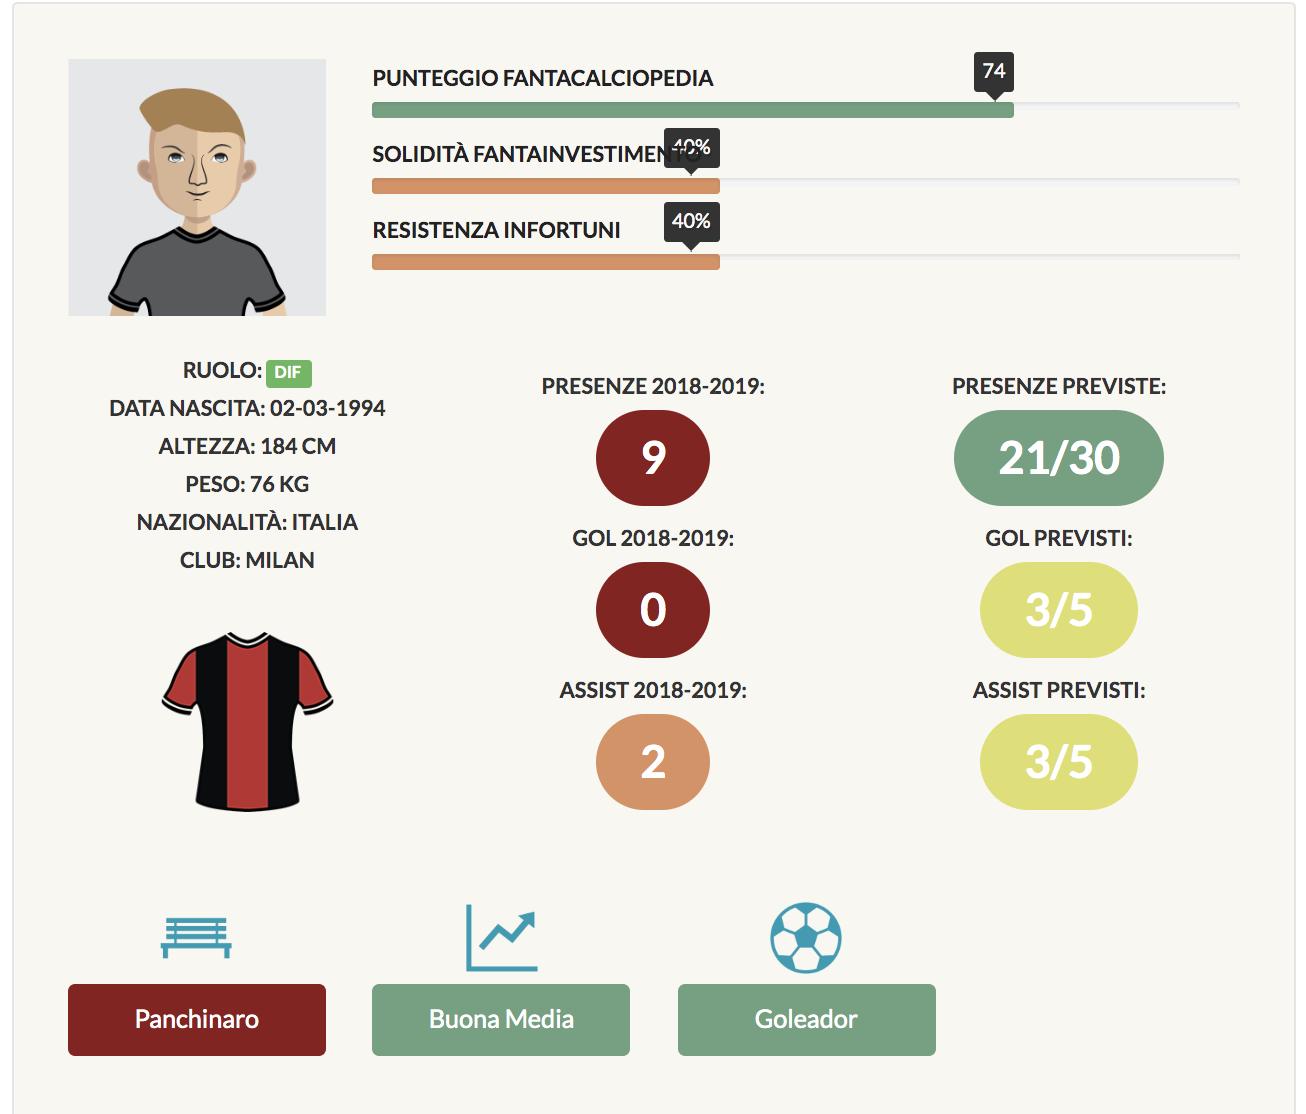 andrea conti infografica fantacalcio 2019/20